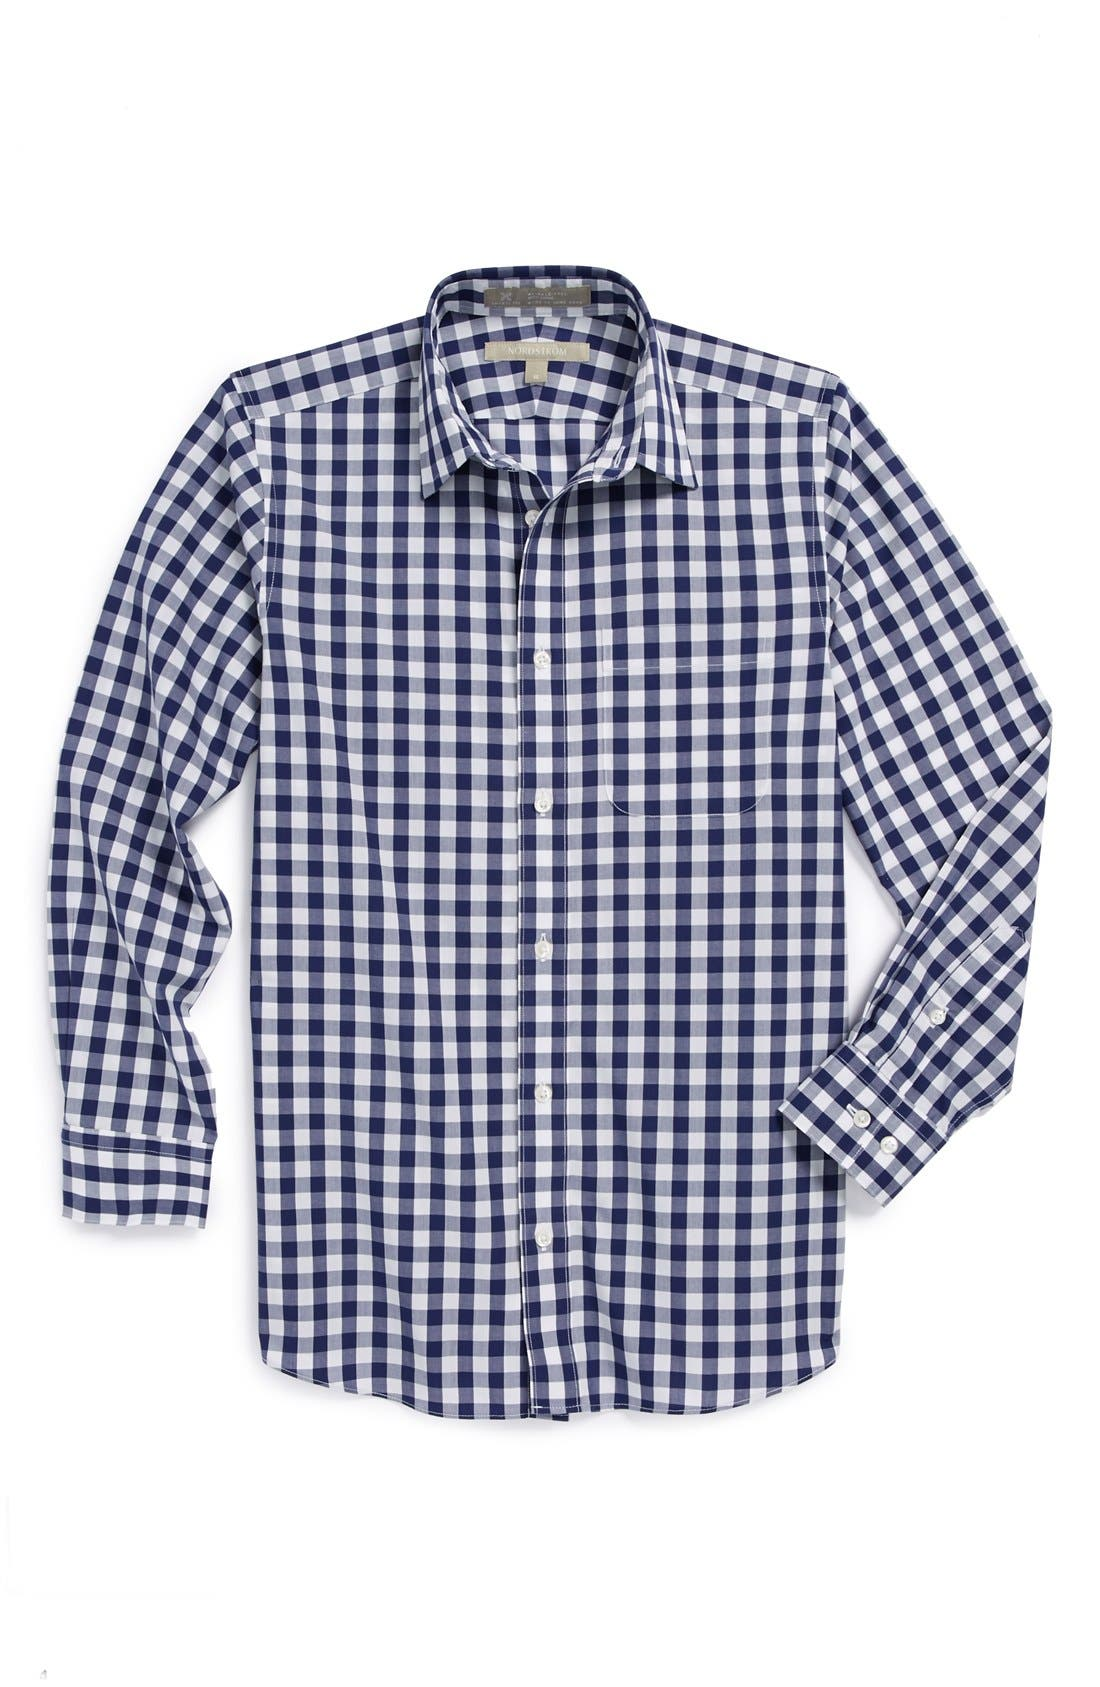 Alternate Image 1 Selected - Nordstrom Smartcare™ Dress Shirt (Big Boys)